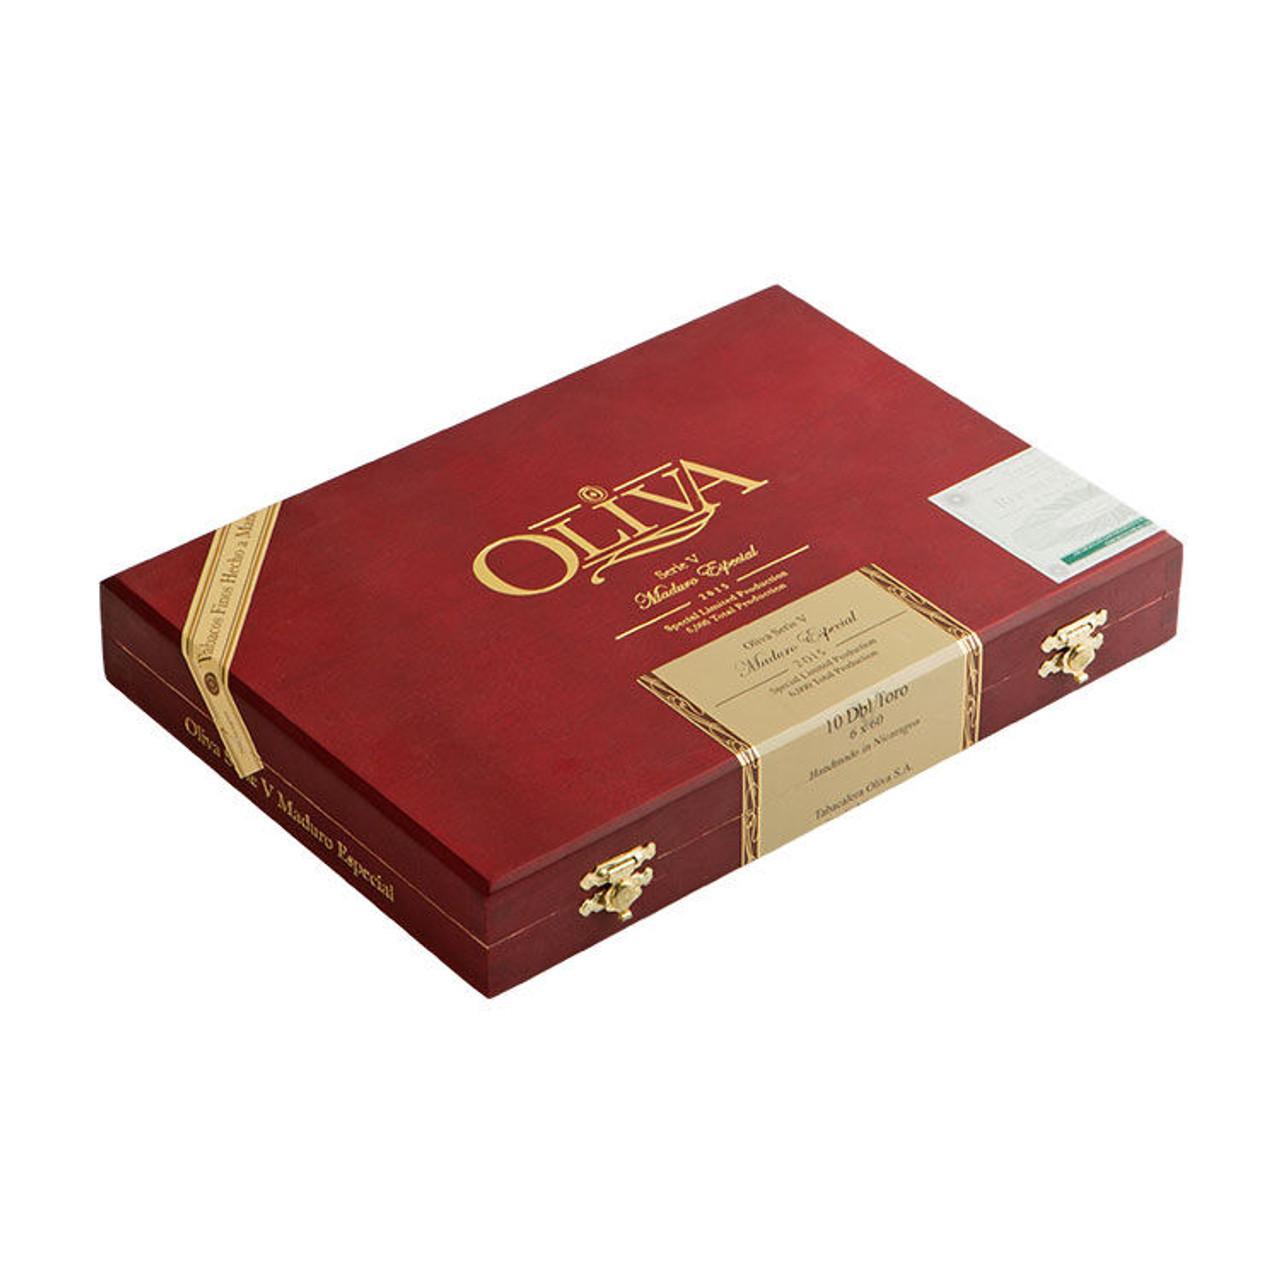 Oliva Serie V Maduro Especial Double Robusto Cigars - 5.0 x 54 (Box of 10)